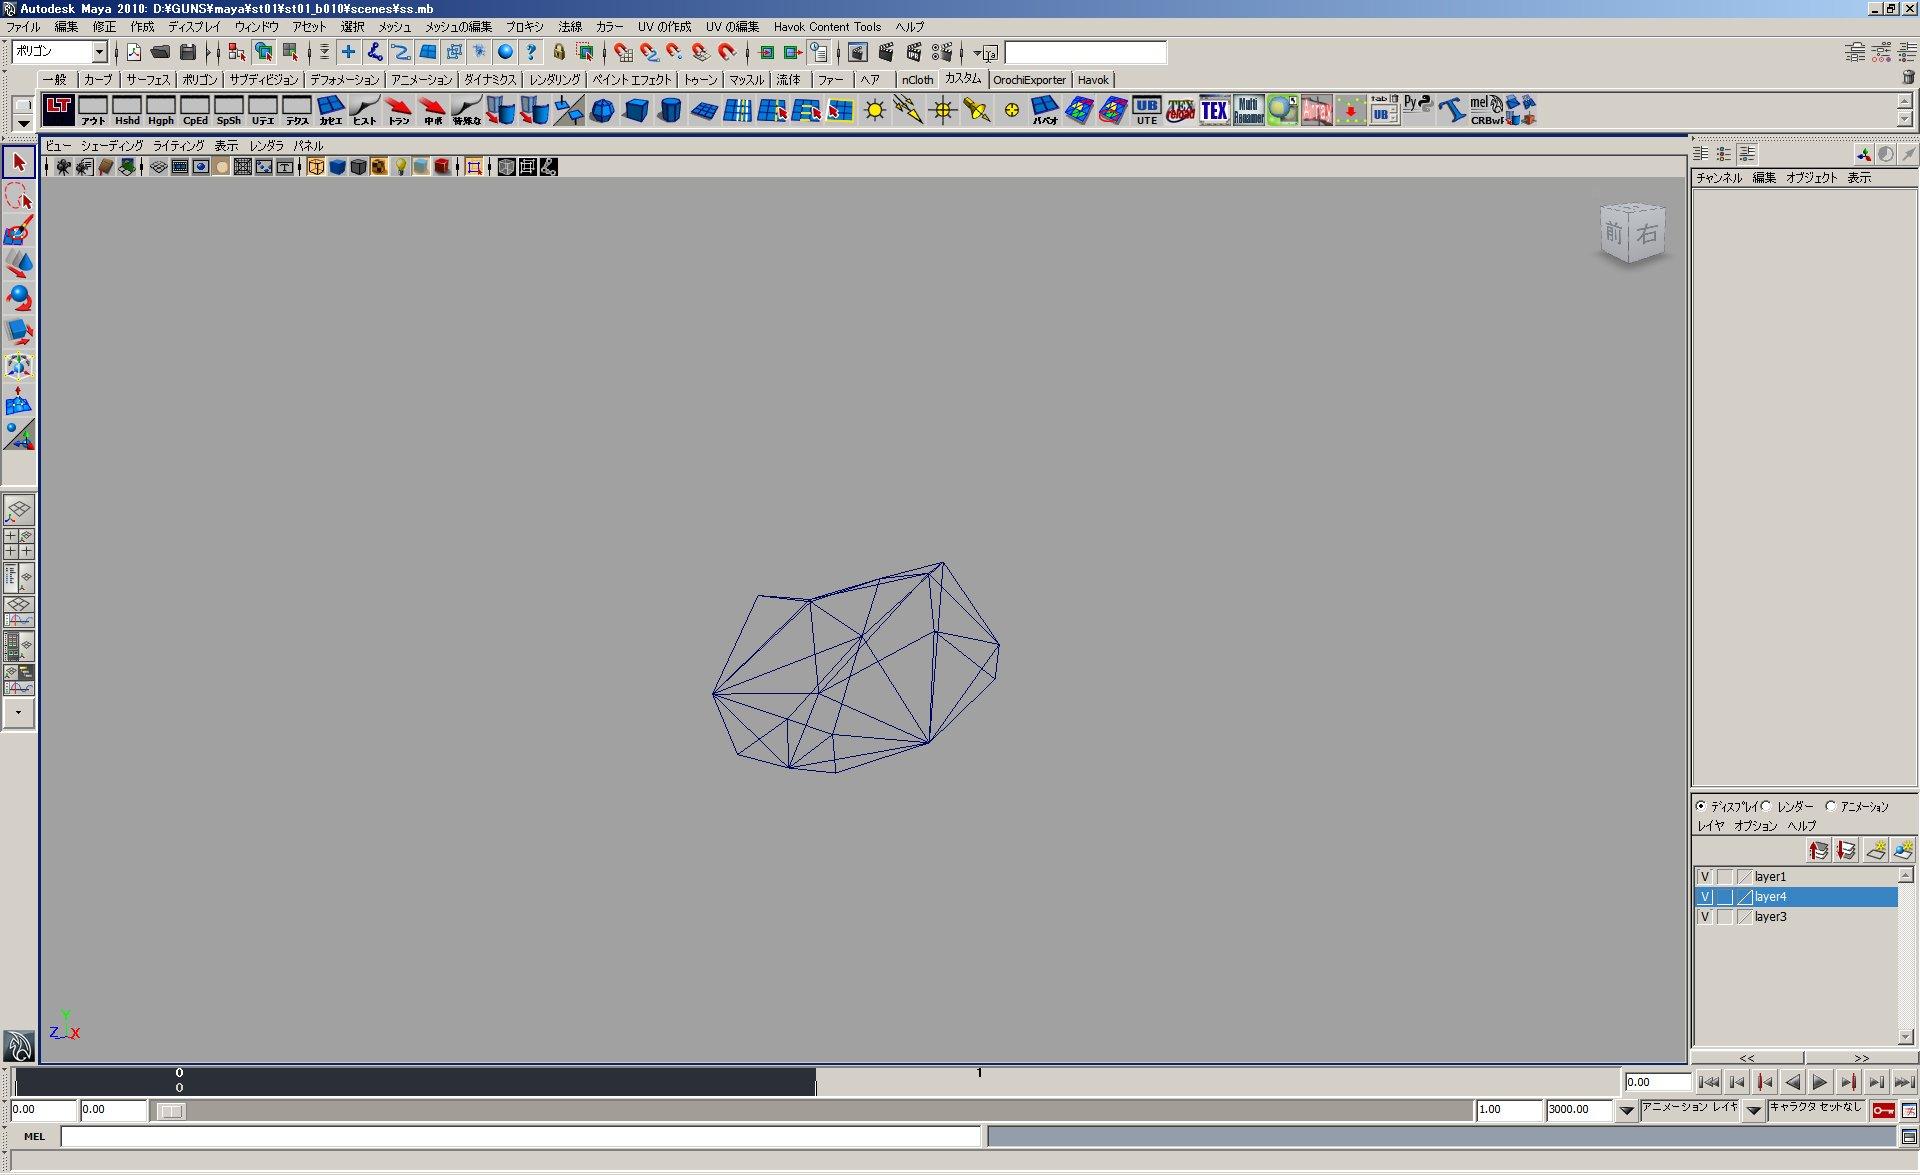 ある程度破壊したら、共通破片モデル(デブリ)に置き換えてしまうことで処理や描画を高速化(左)、そのワイヤーフレーム(右)